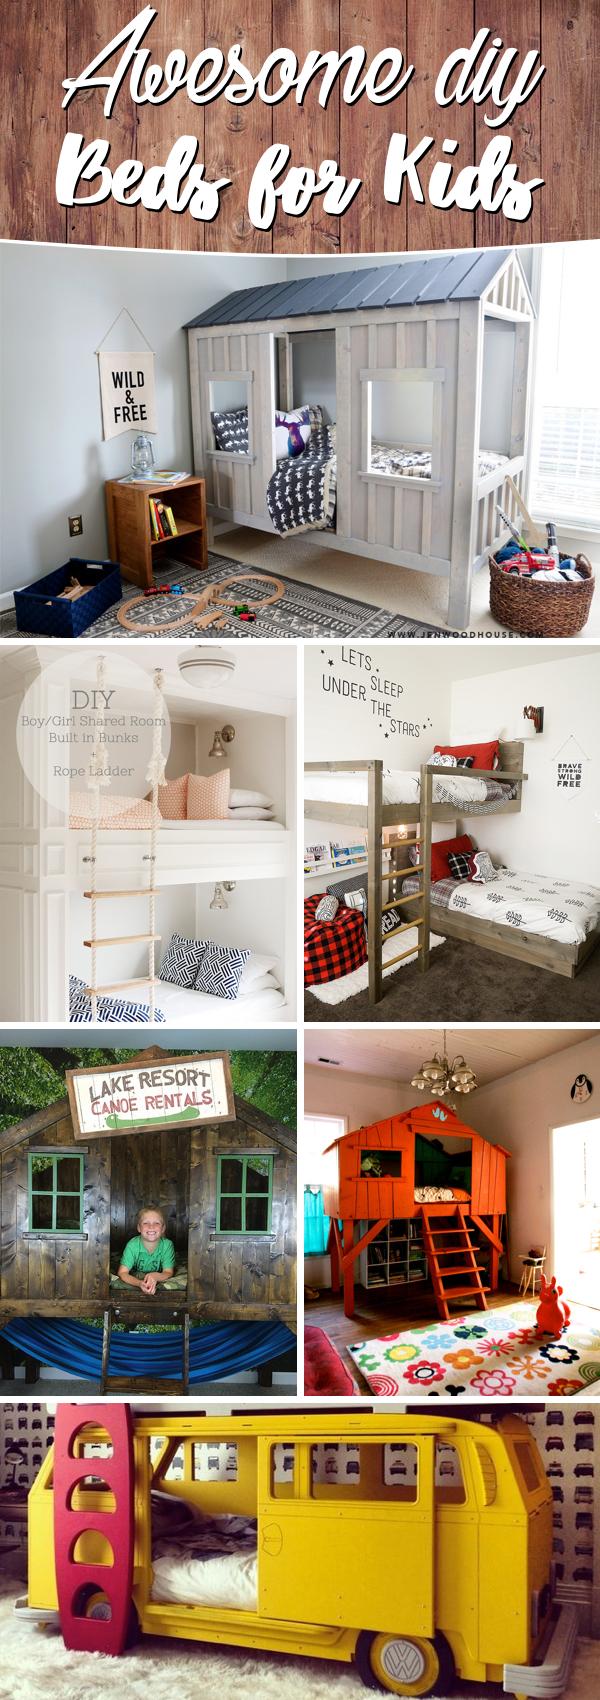 DIY Beds for Kids